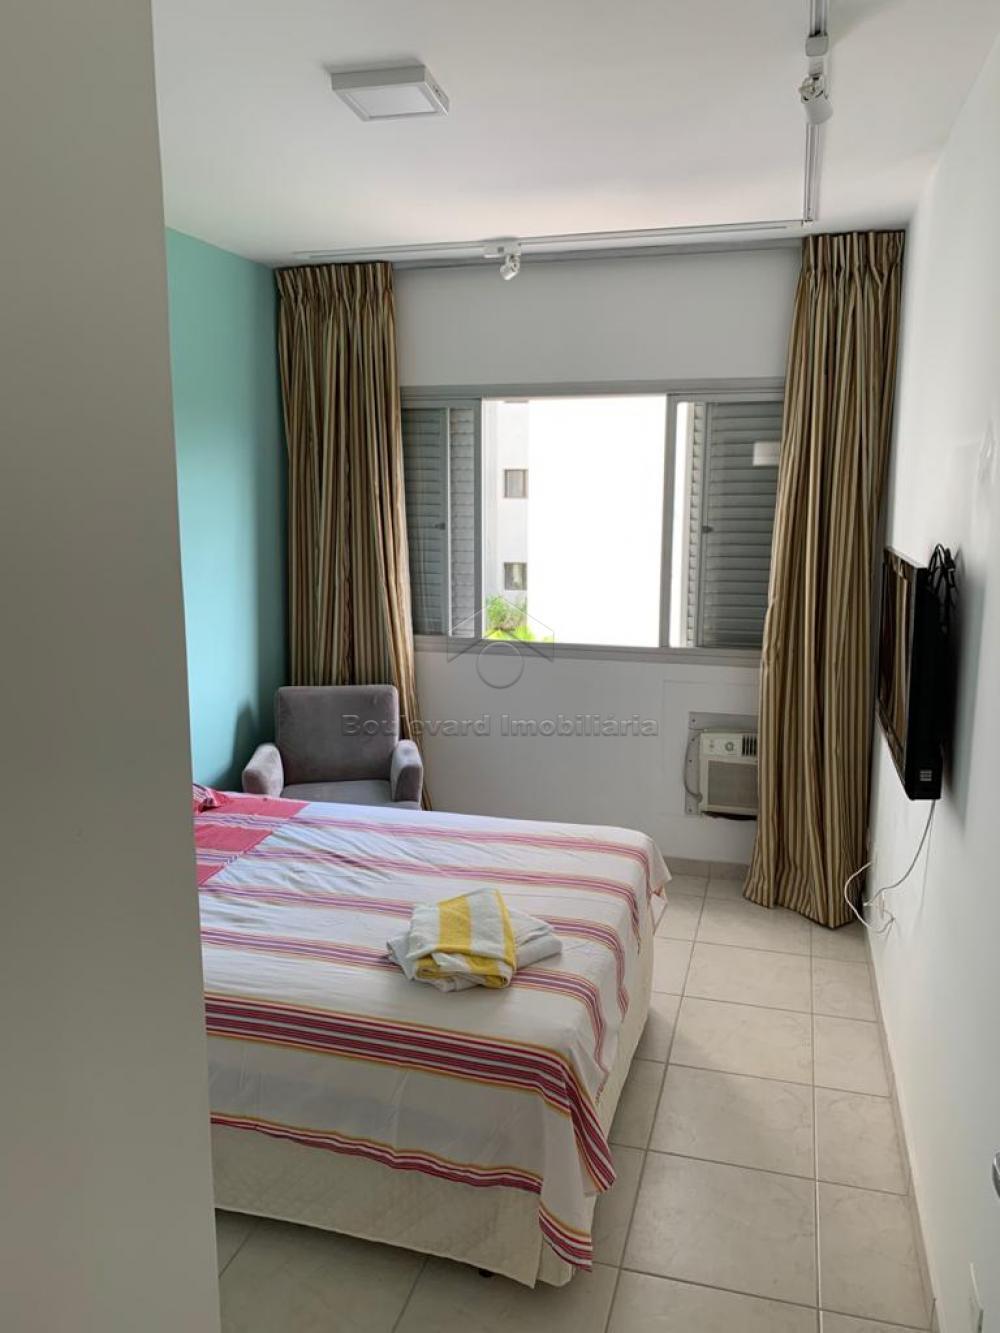 Alugar Apartamento / Padrão em Guarujá apenas R$ 2.300,00 - Foto 11